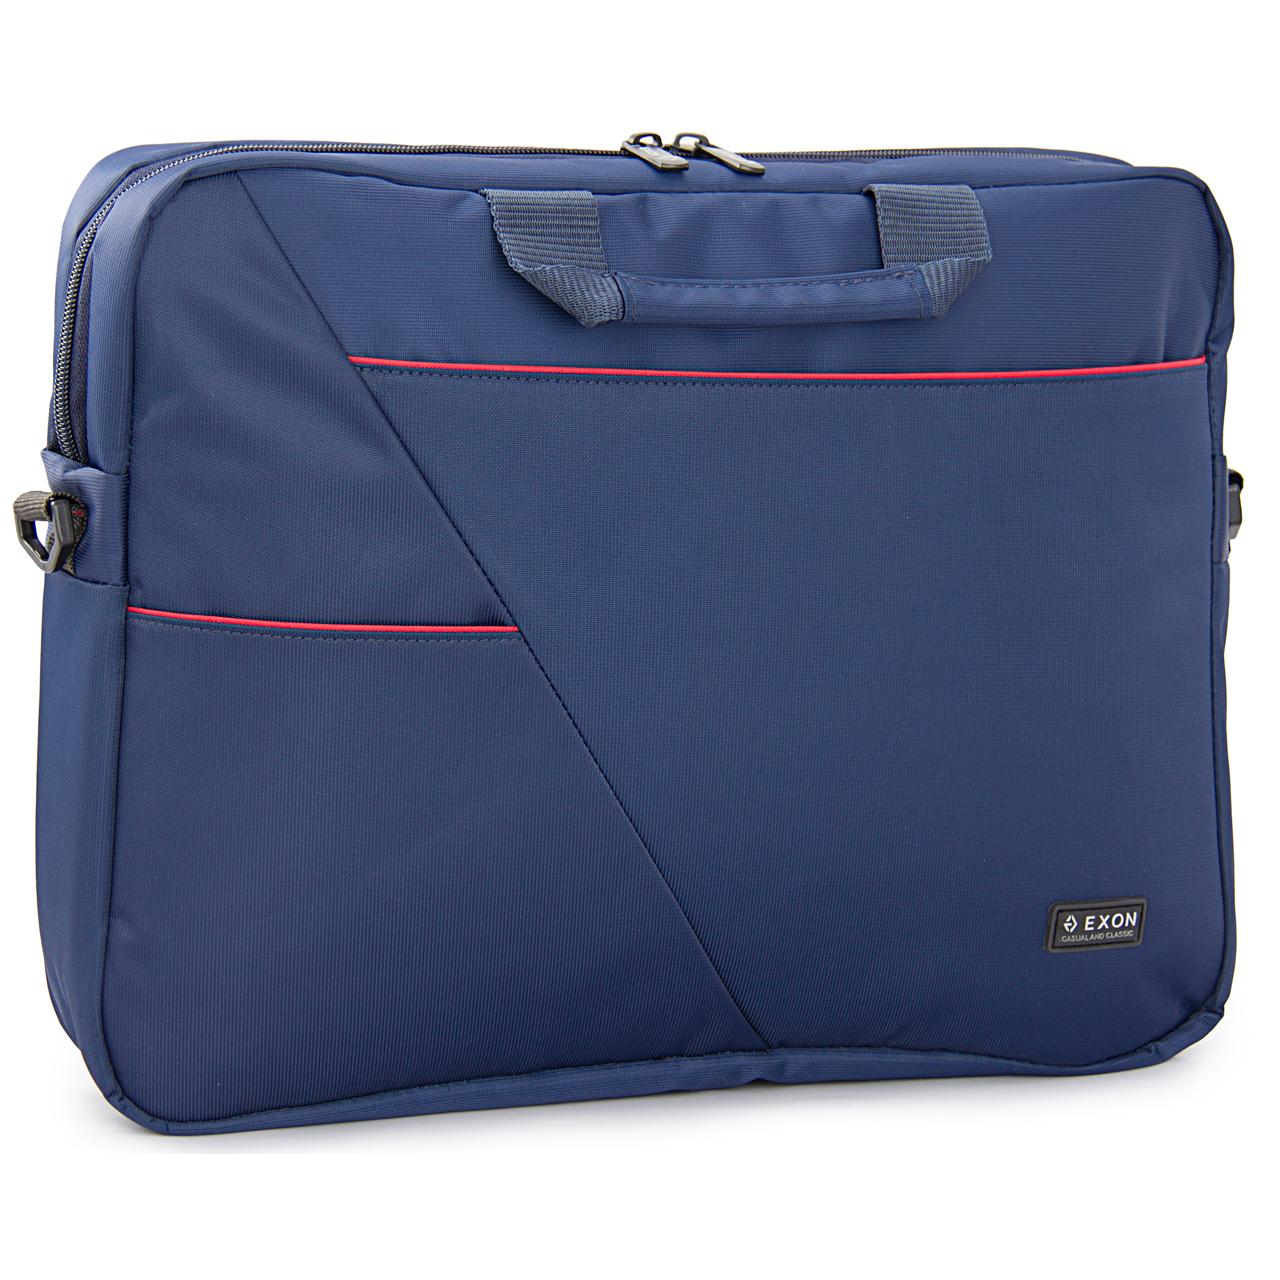 کیف لپ تاپ اکسون مدل منهتن مناسب برای لپ تاپ 15.6 اینچی